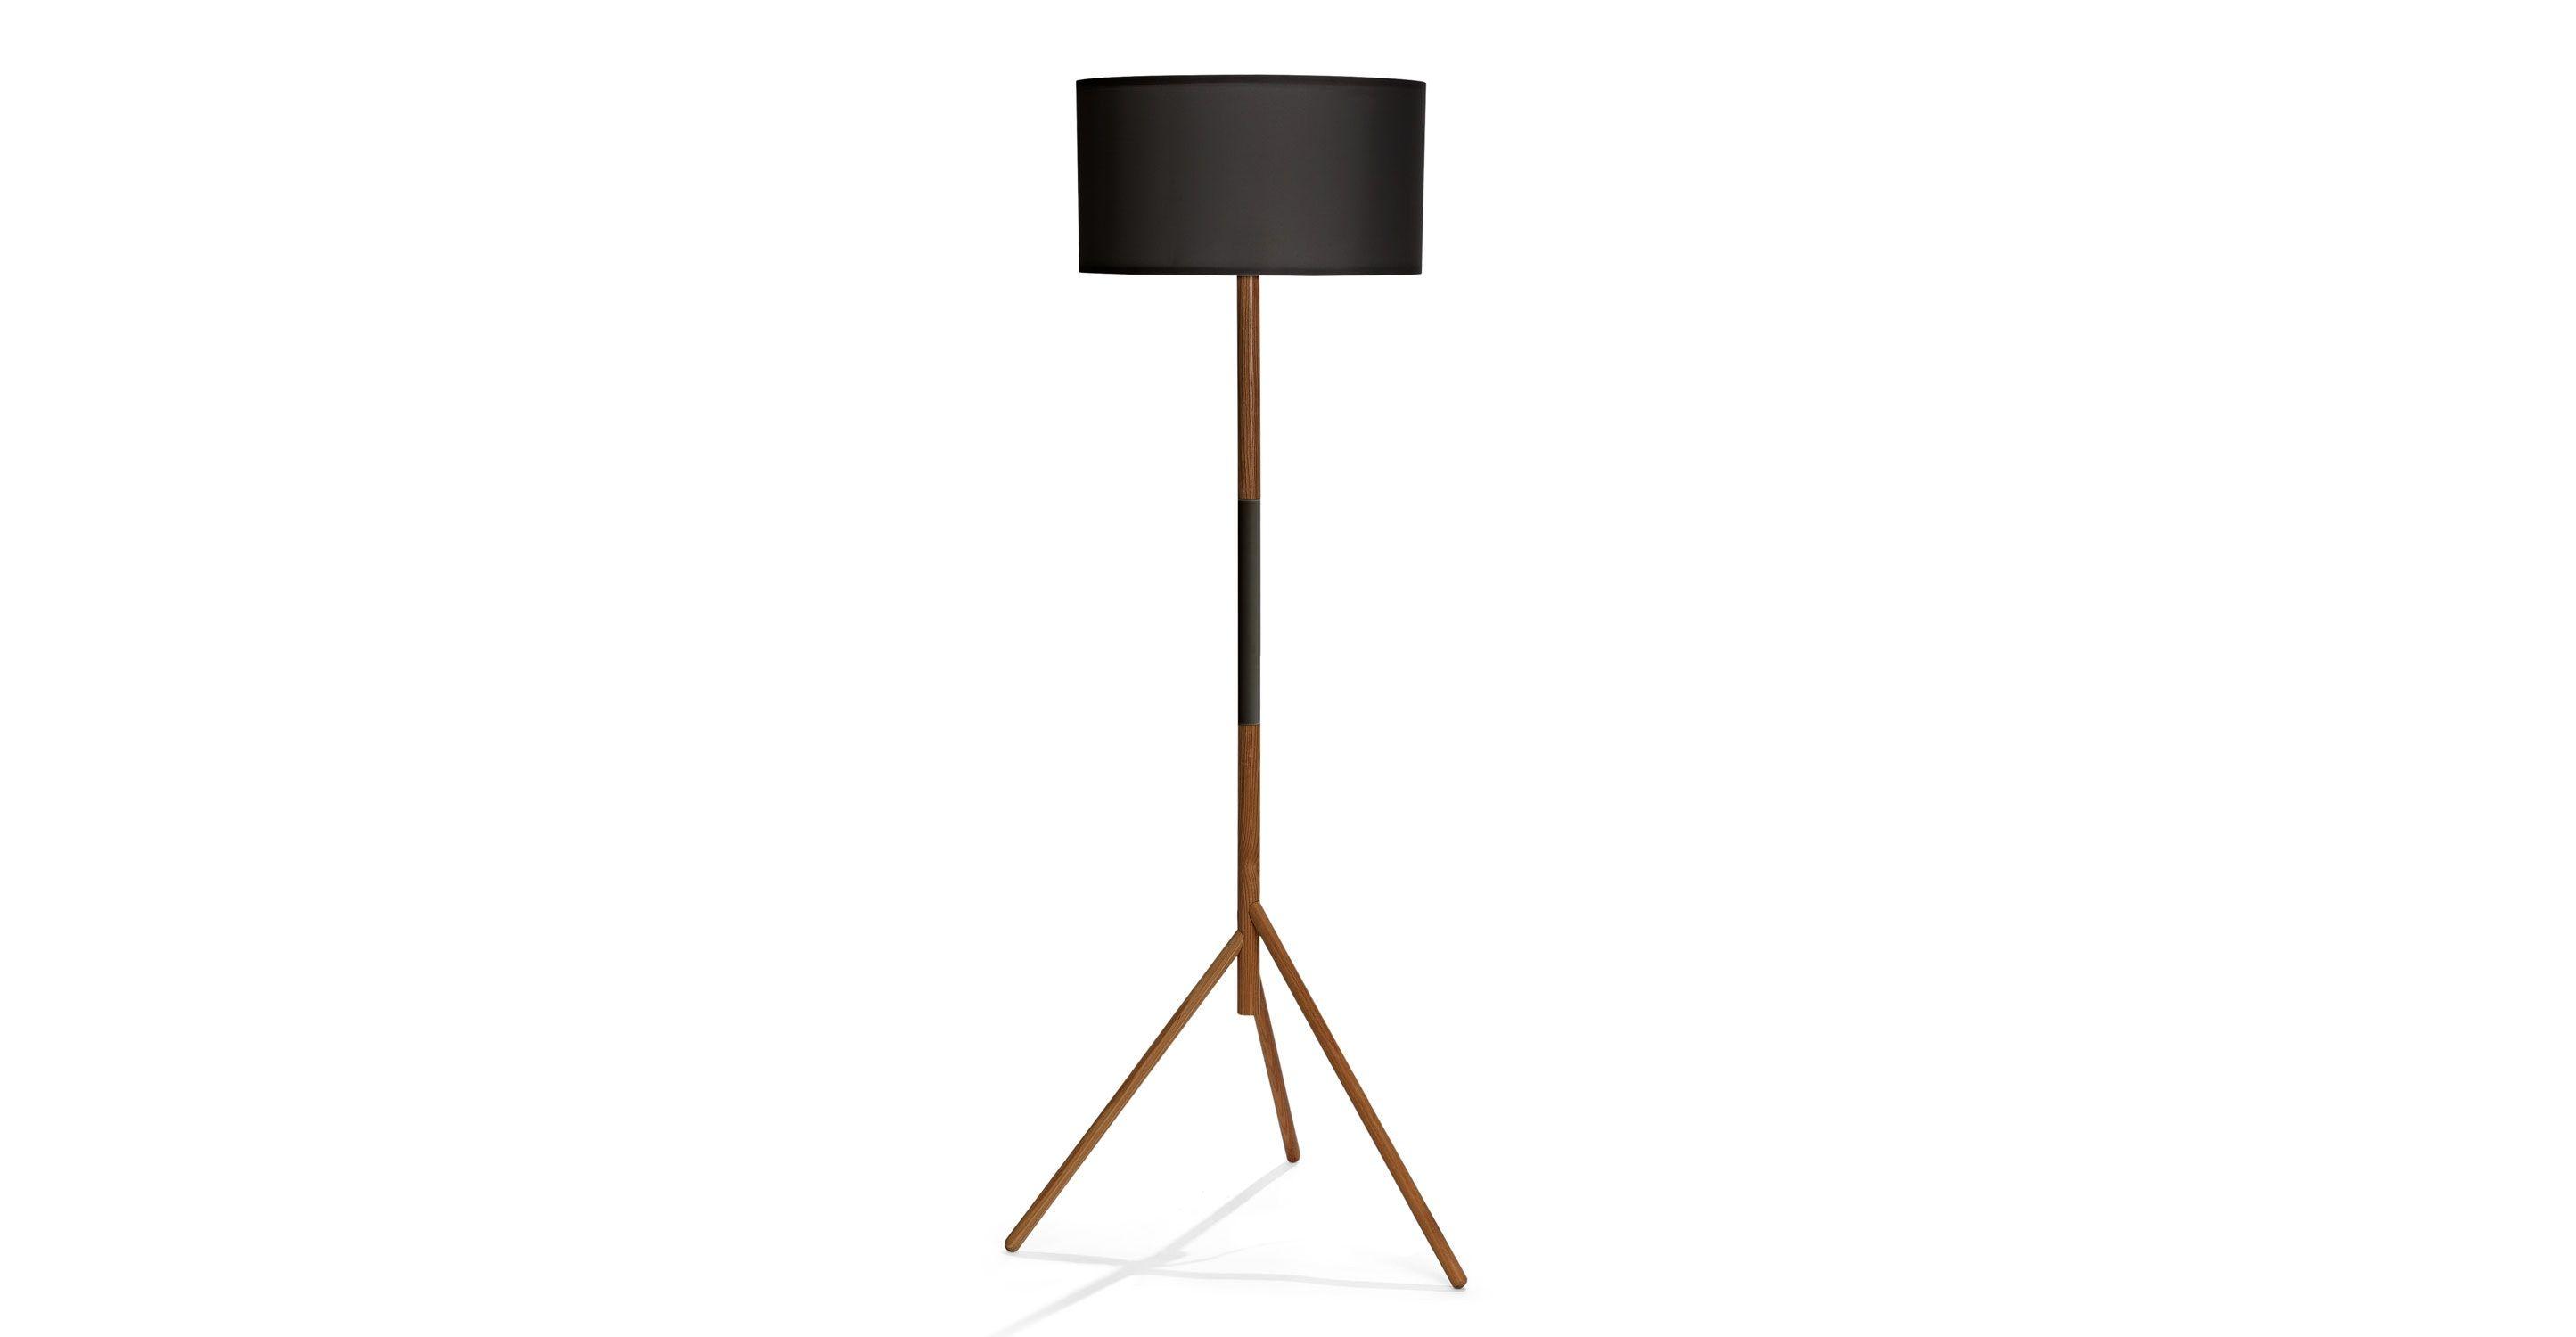 Stilt Black Floor Lamp Rashmi Black Floor Lamp White